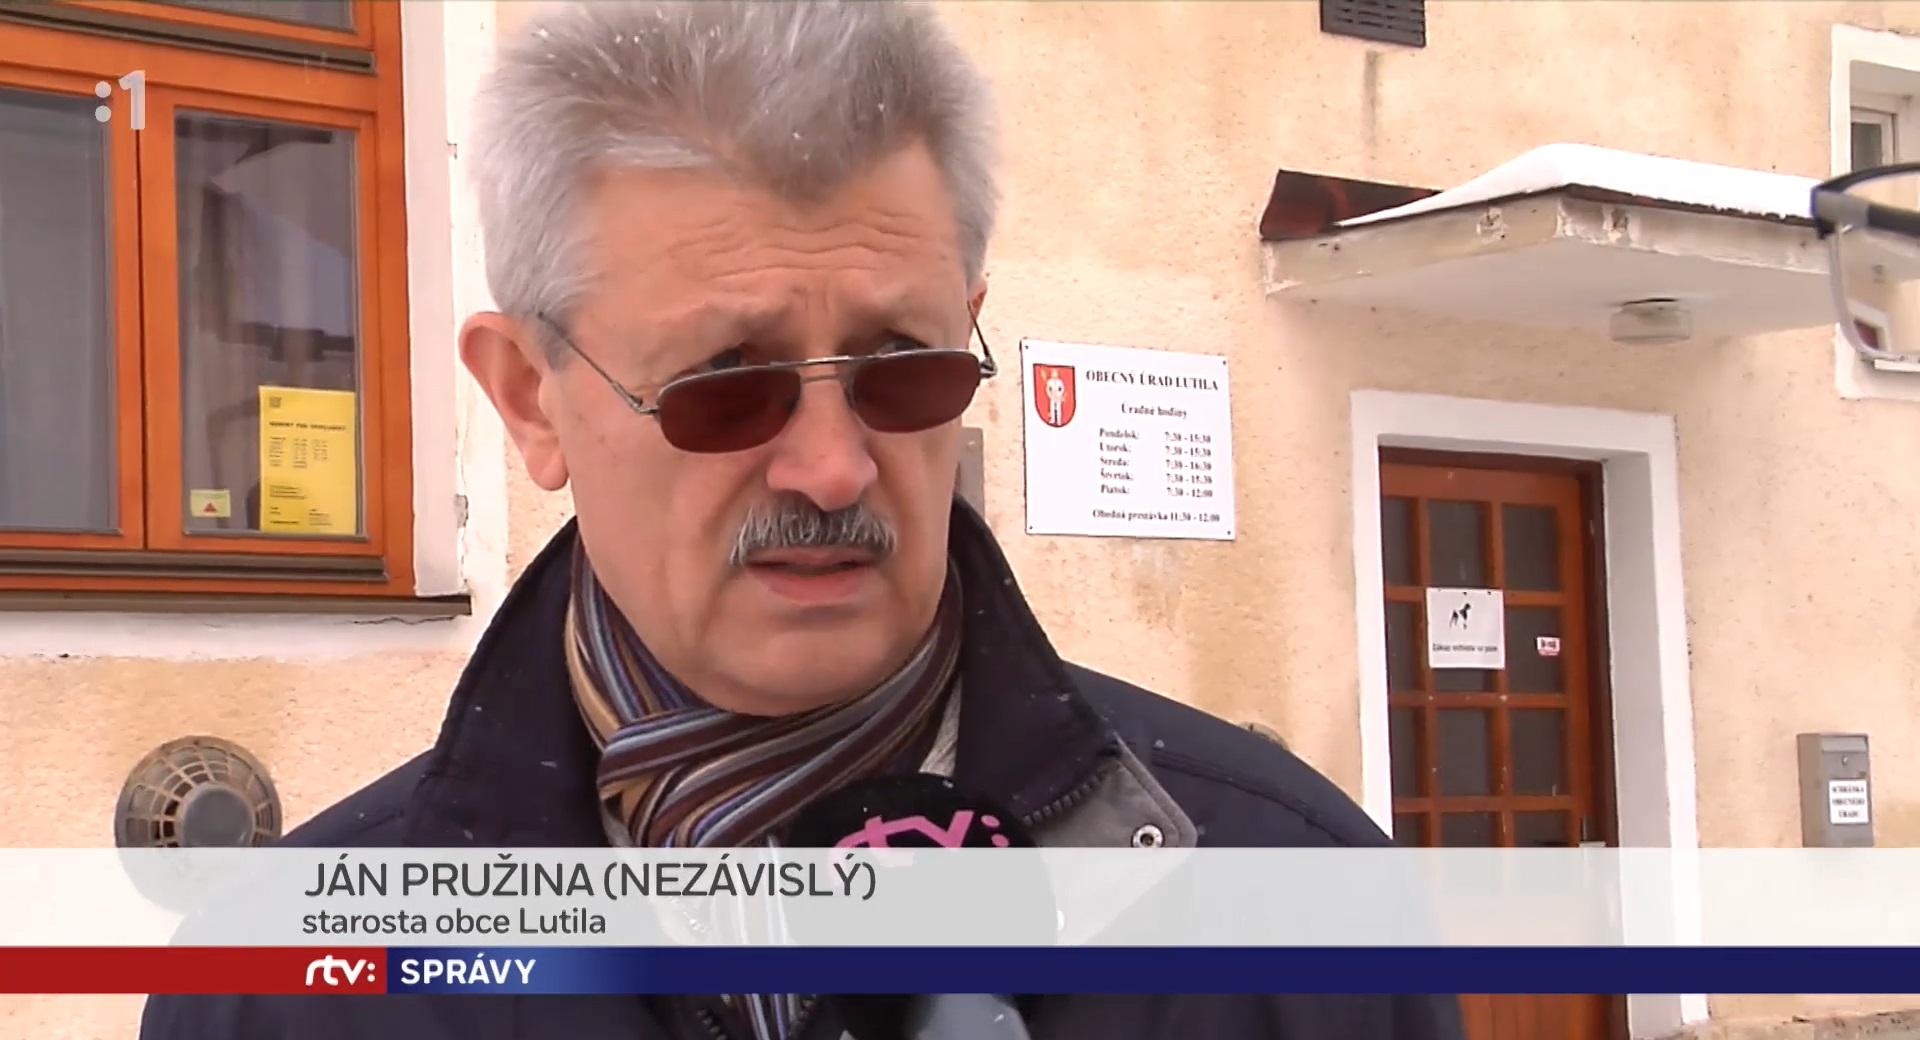 Obrázok: Reportáž si možno pozrieť kliknutím na obrázok alebo na: https://www.rtvs.sk/televizia/archiv/13982/176498# od 43 min., Správy RTVS z 09.01.2019